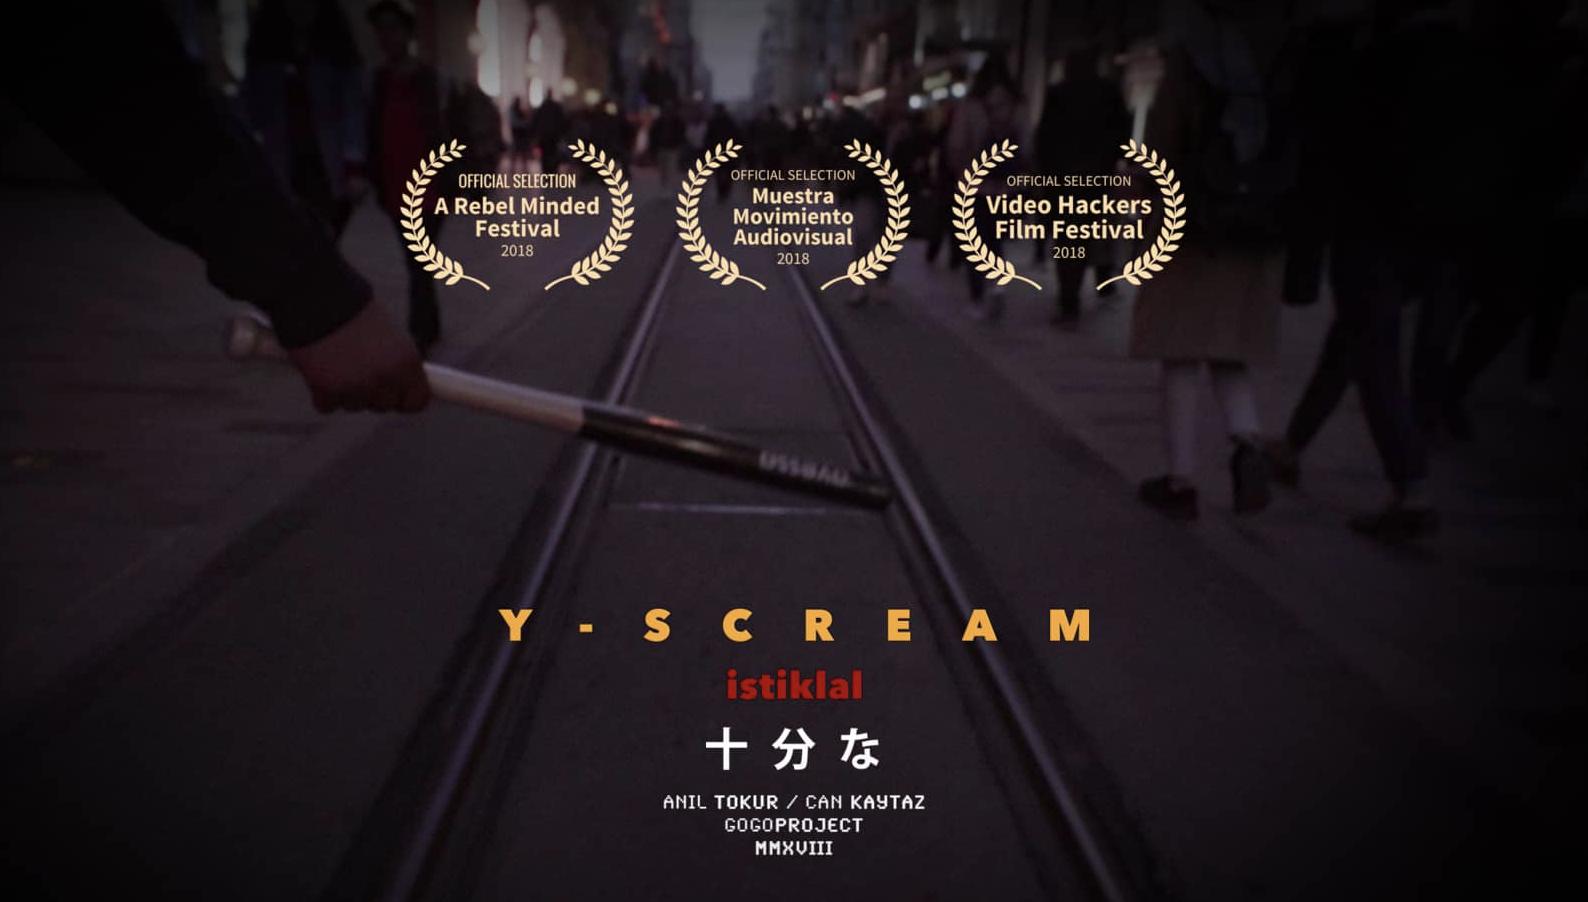 Y - Scream